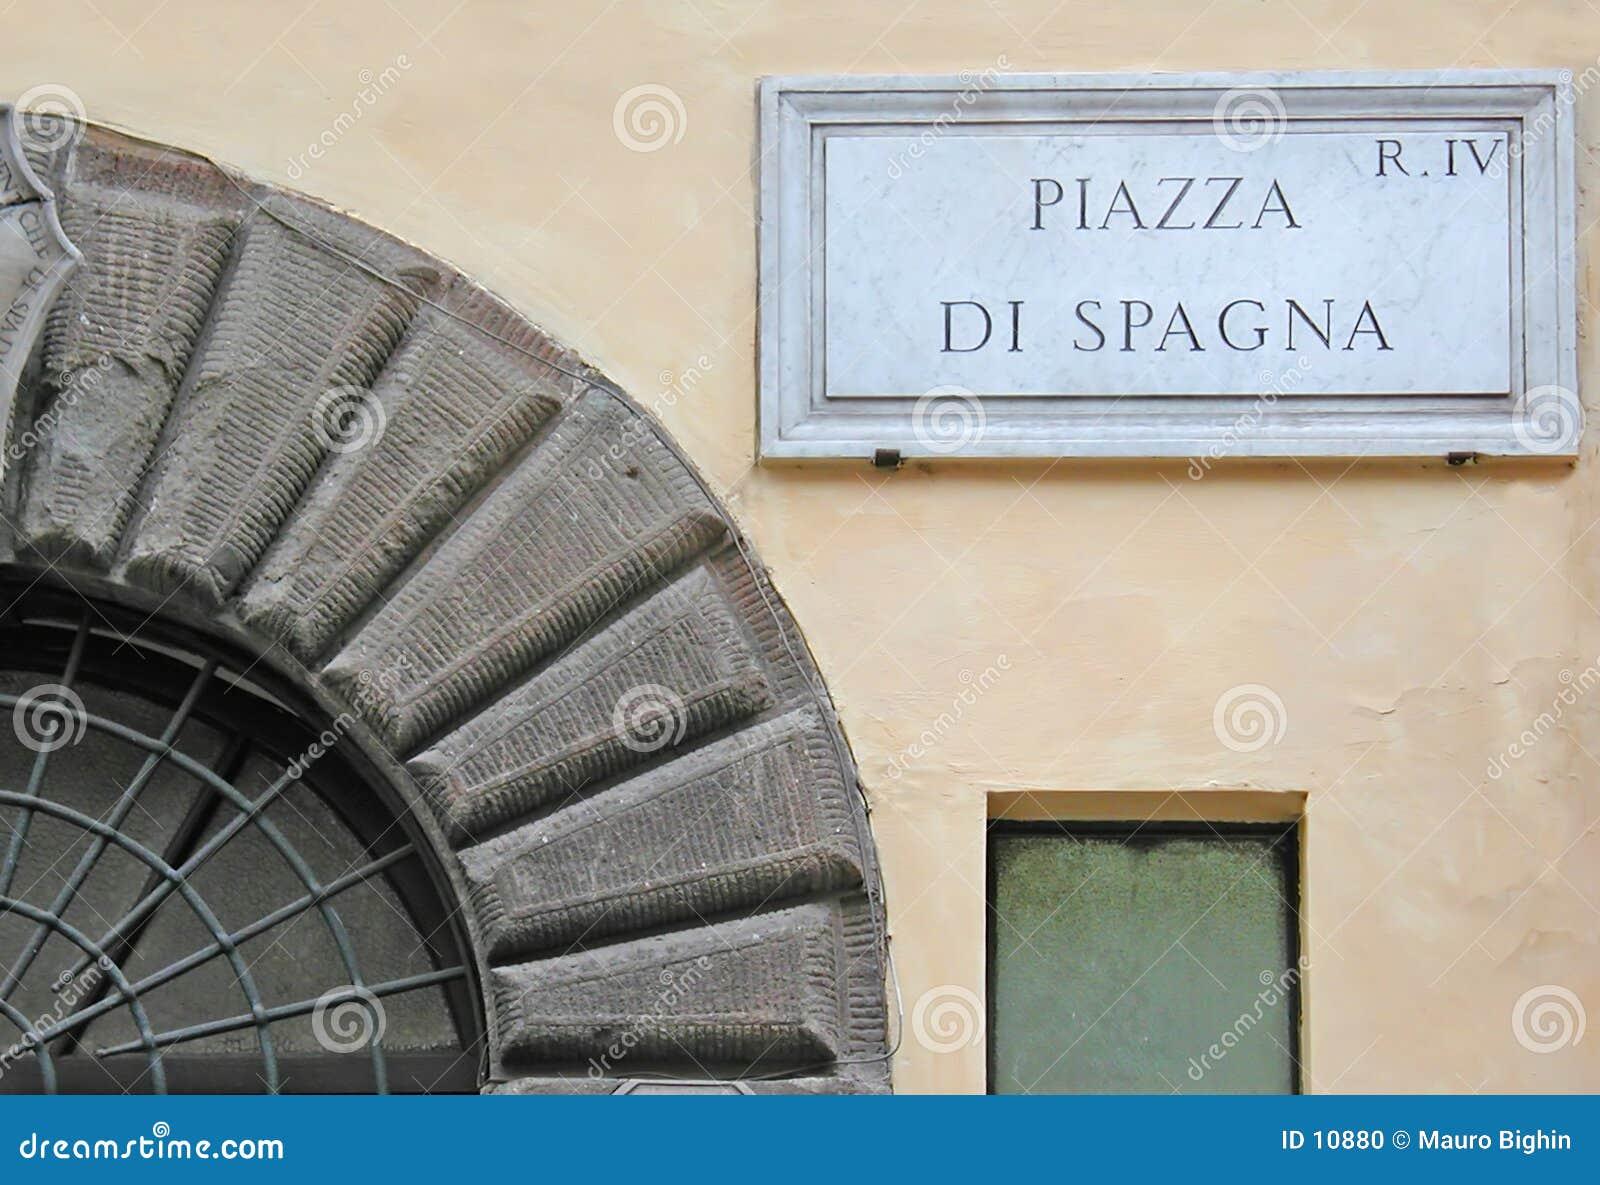 Spagna σημαδιών της Ρώμης πλατειών Di Ιταλία